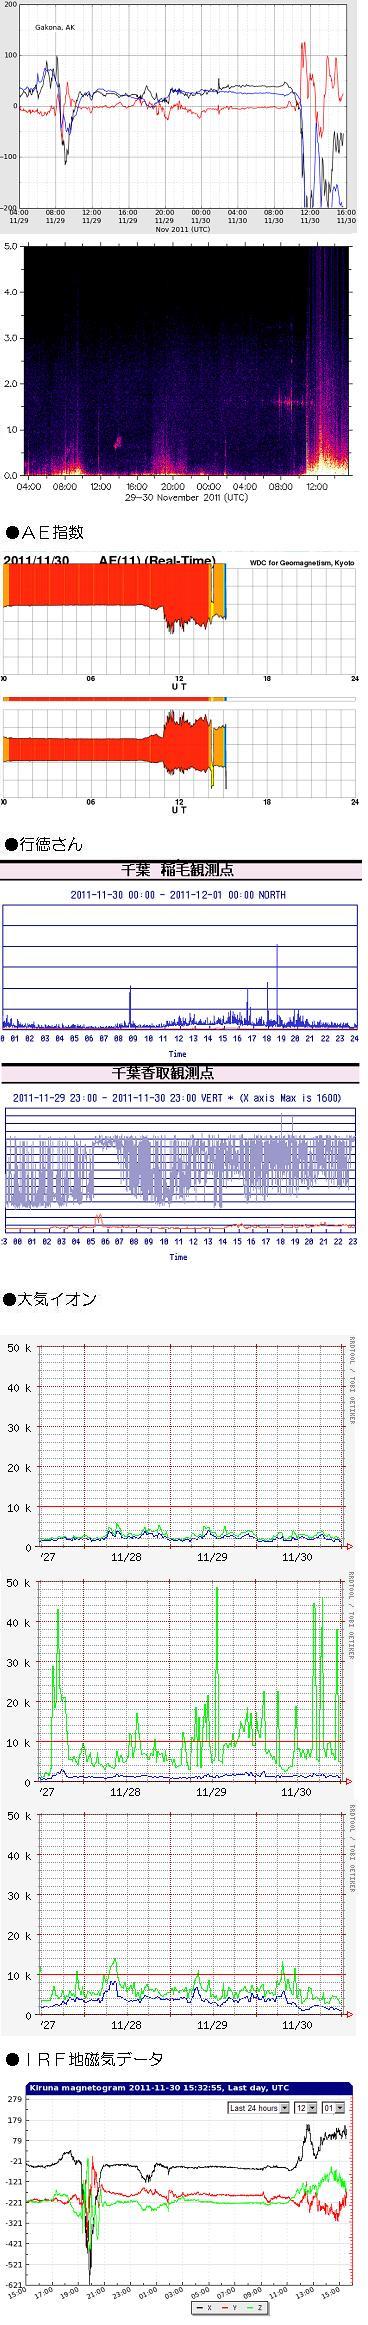 1201-1 データ